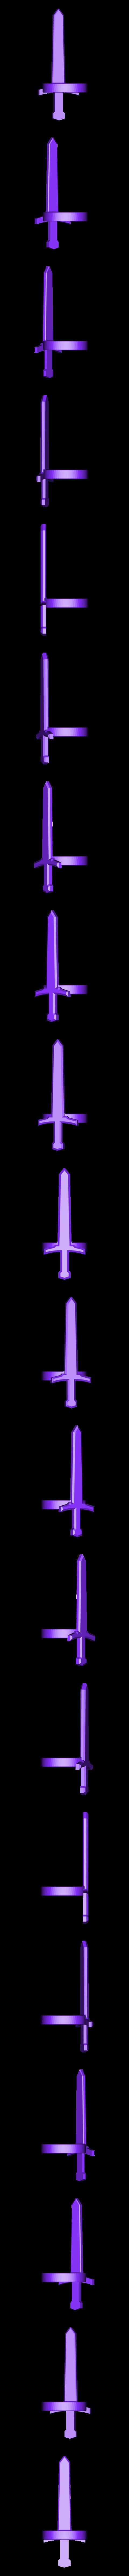 Sword.stl Télécharger fichier STL gratuit Armure du pouce • Modèle pour imprimante 3D, Bolrod